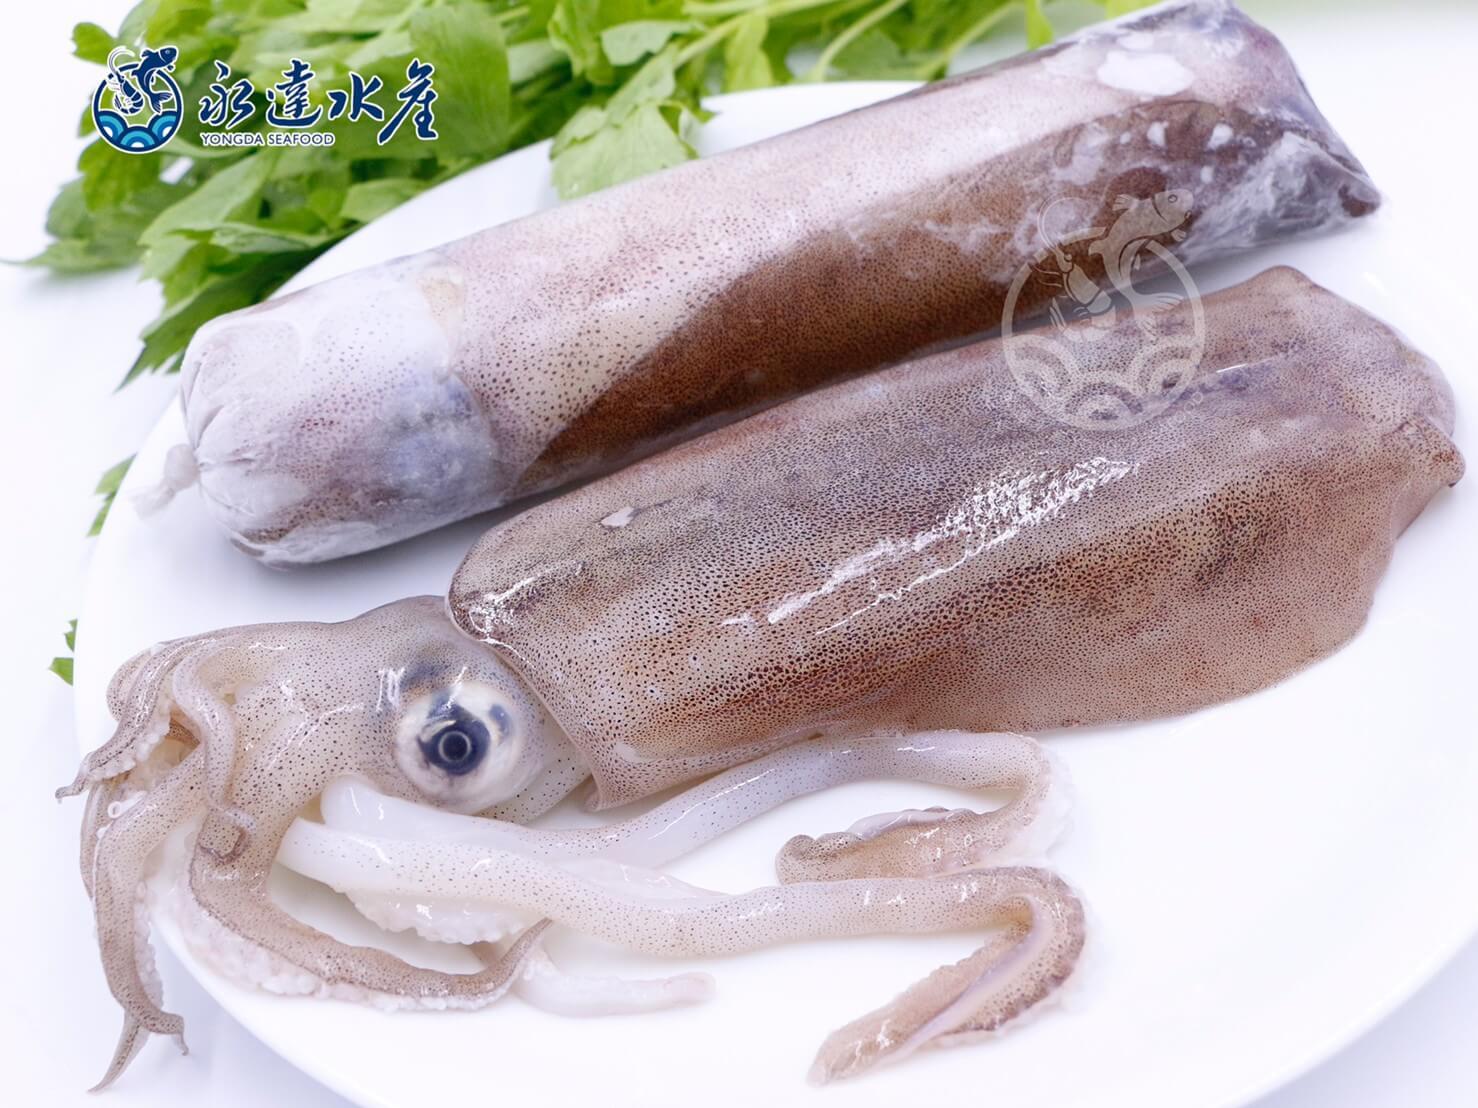 水產|海鮮|活凍軟絲|軟絲|軟翅仔|擬烏賊